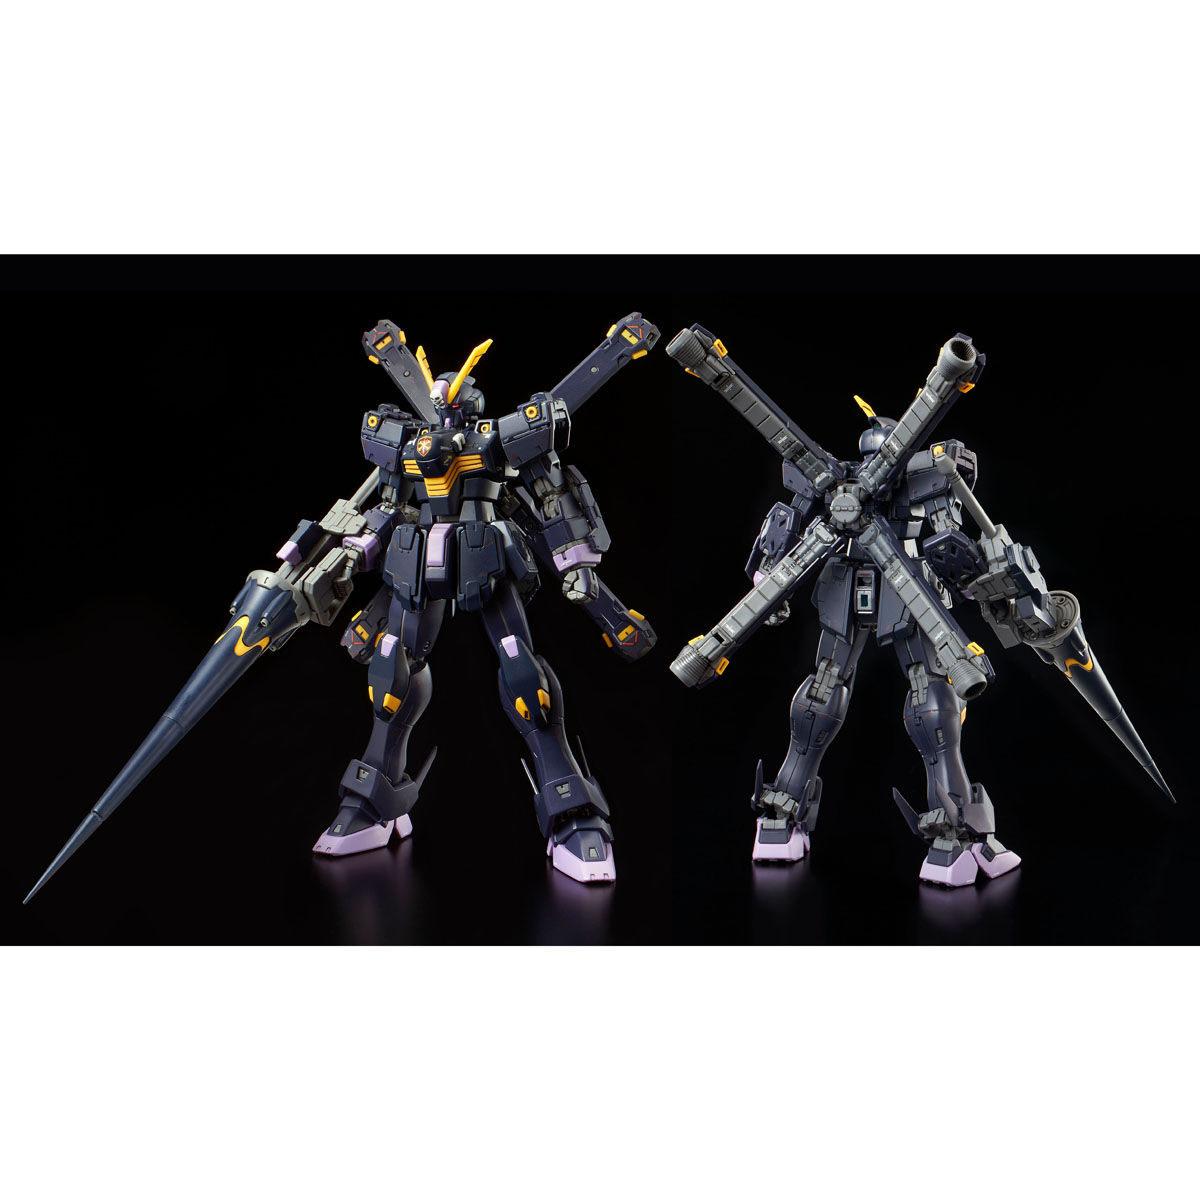 【限定販売】RG 1/144『クロスボーン・ガンダムX2』プラモデル-002